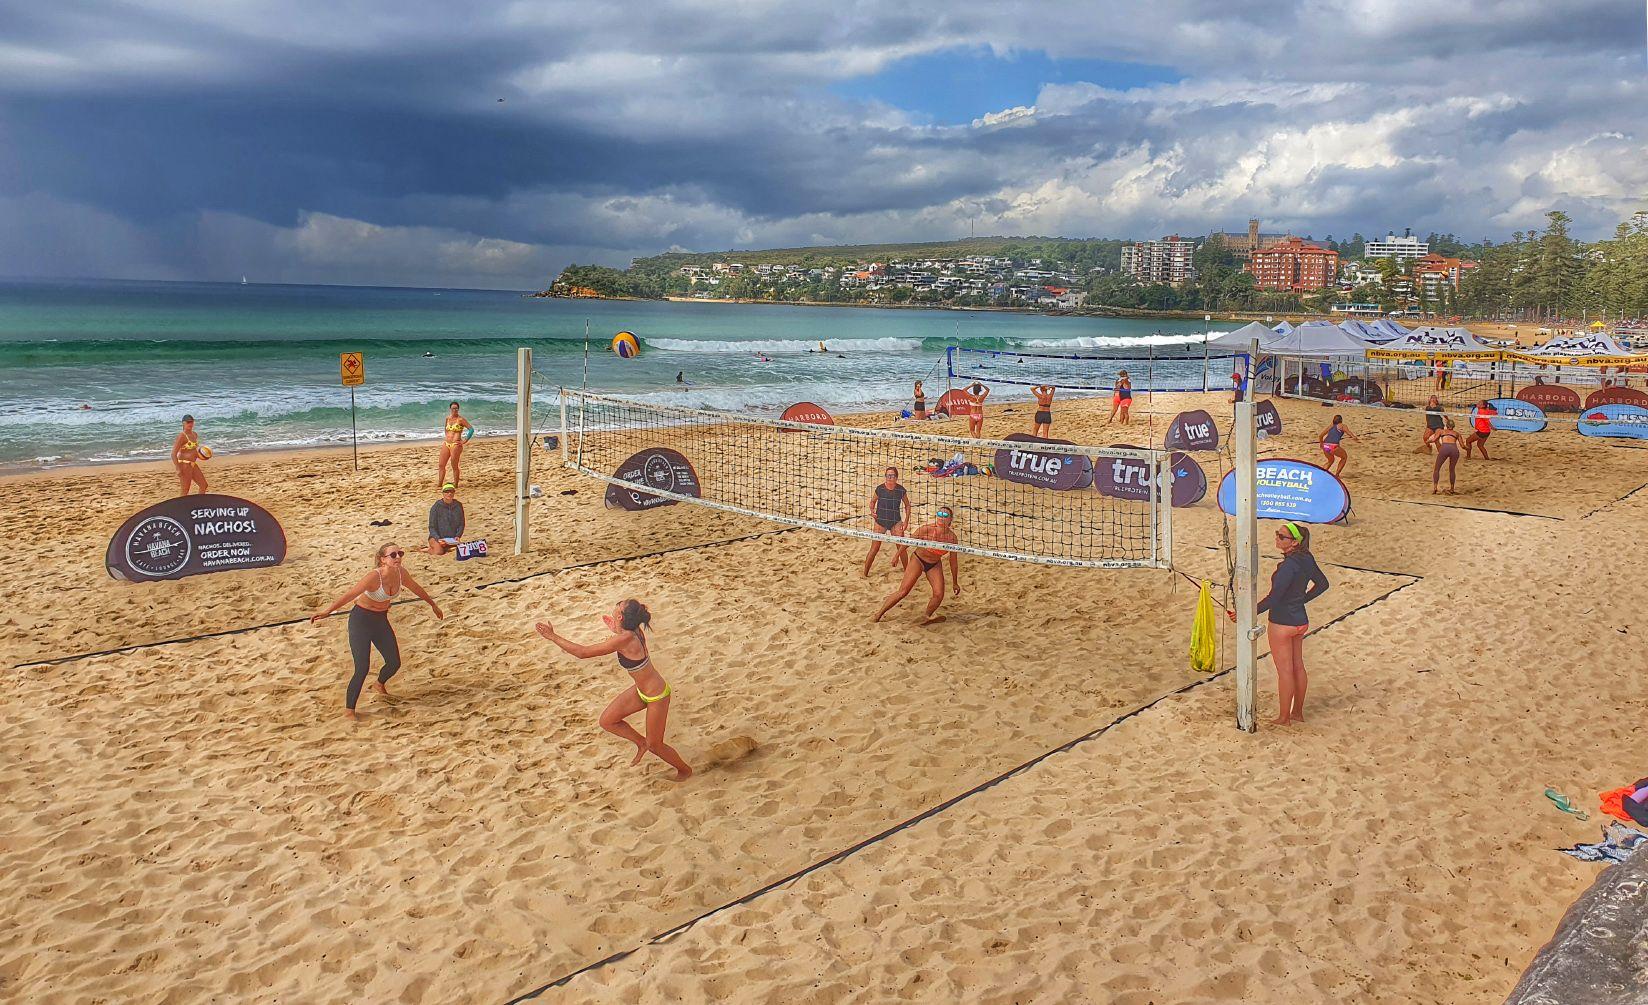 Сиднейский пляжный волейбол... пляжный волейбол пляж Сидней Австралия